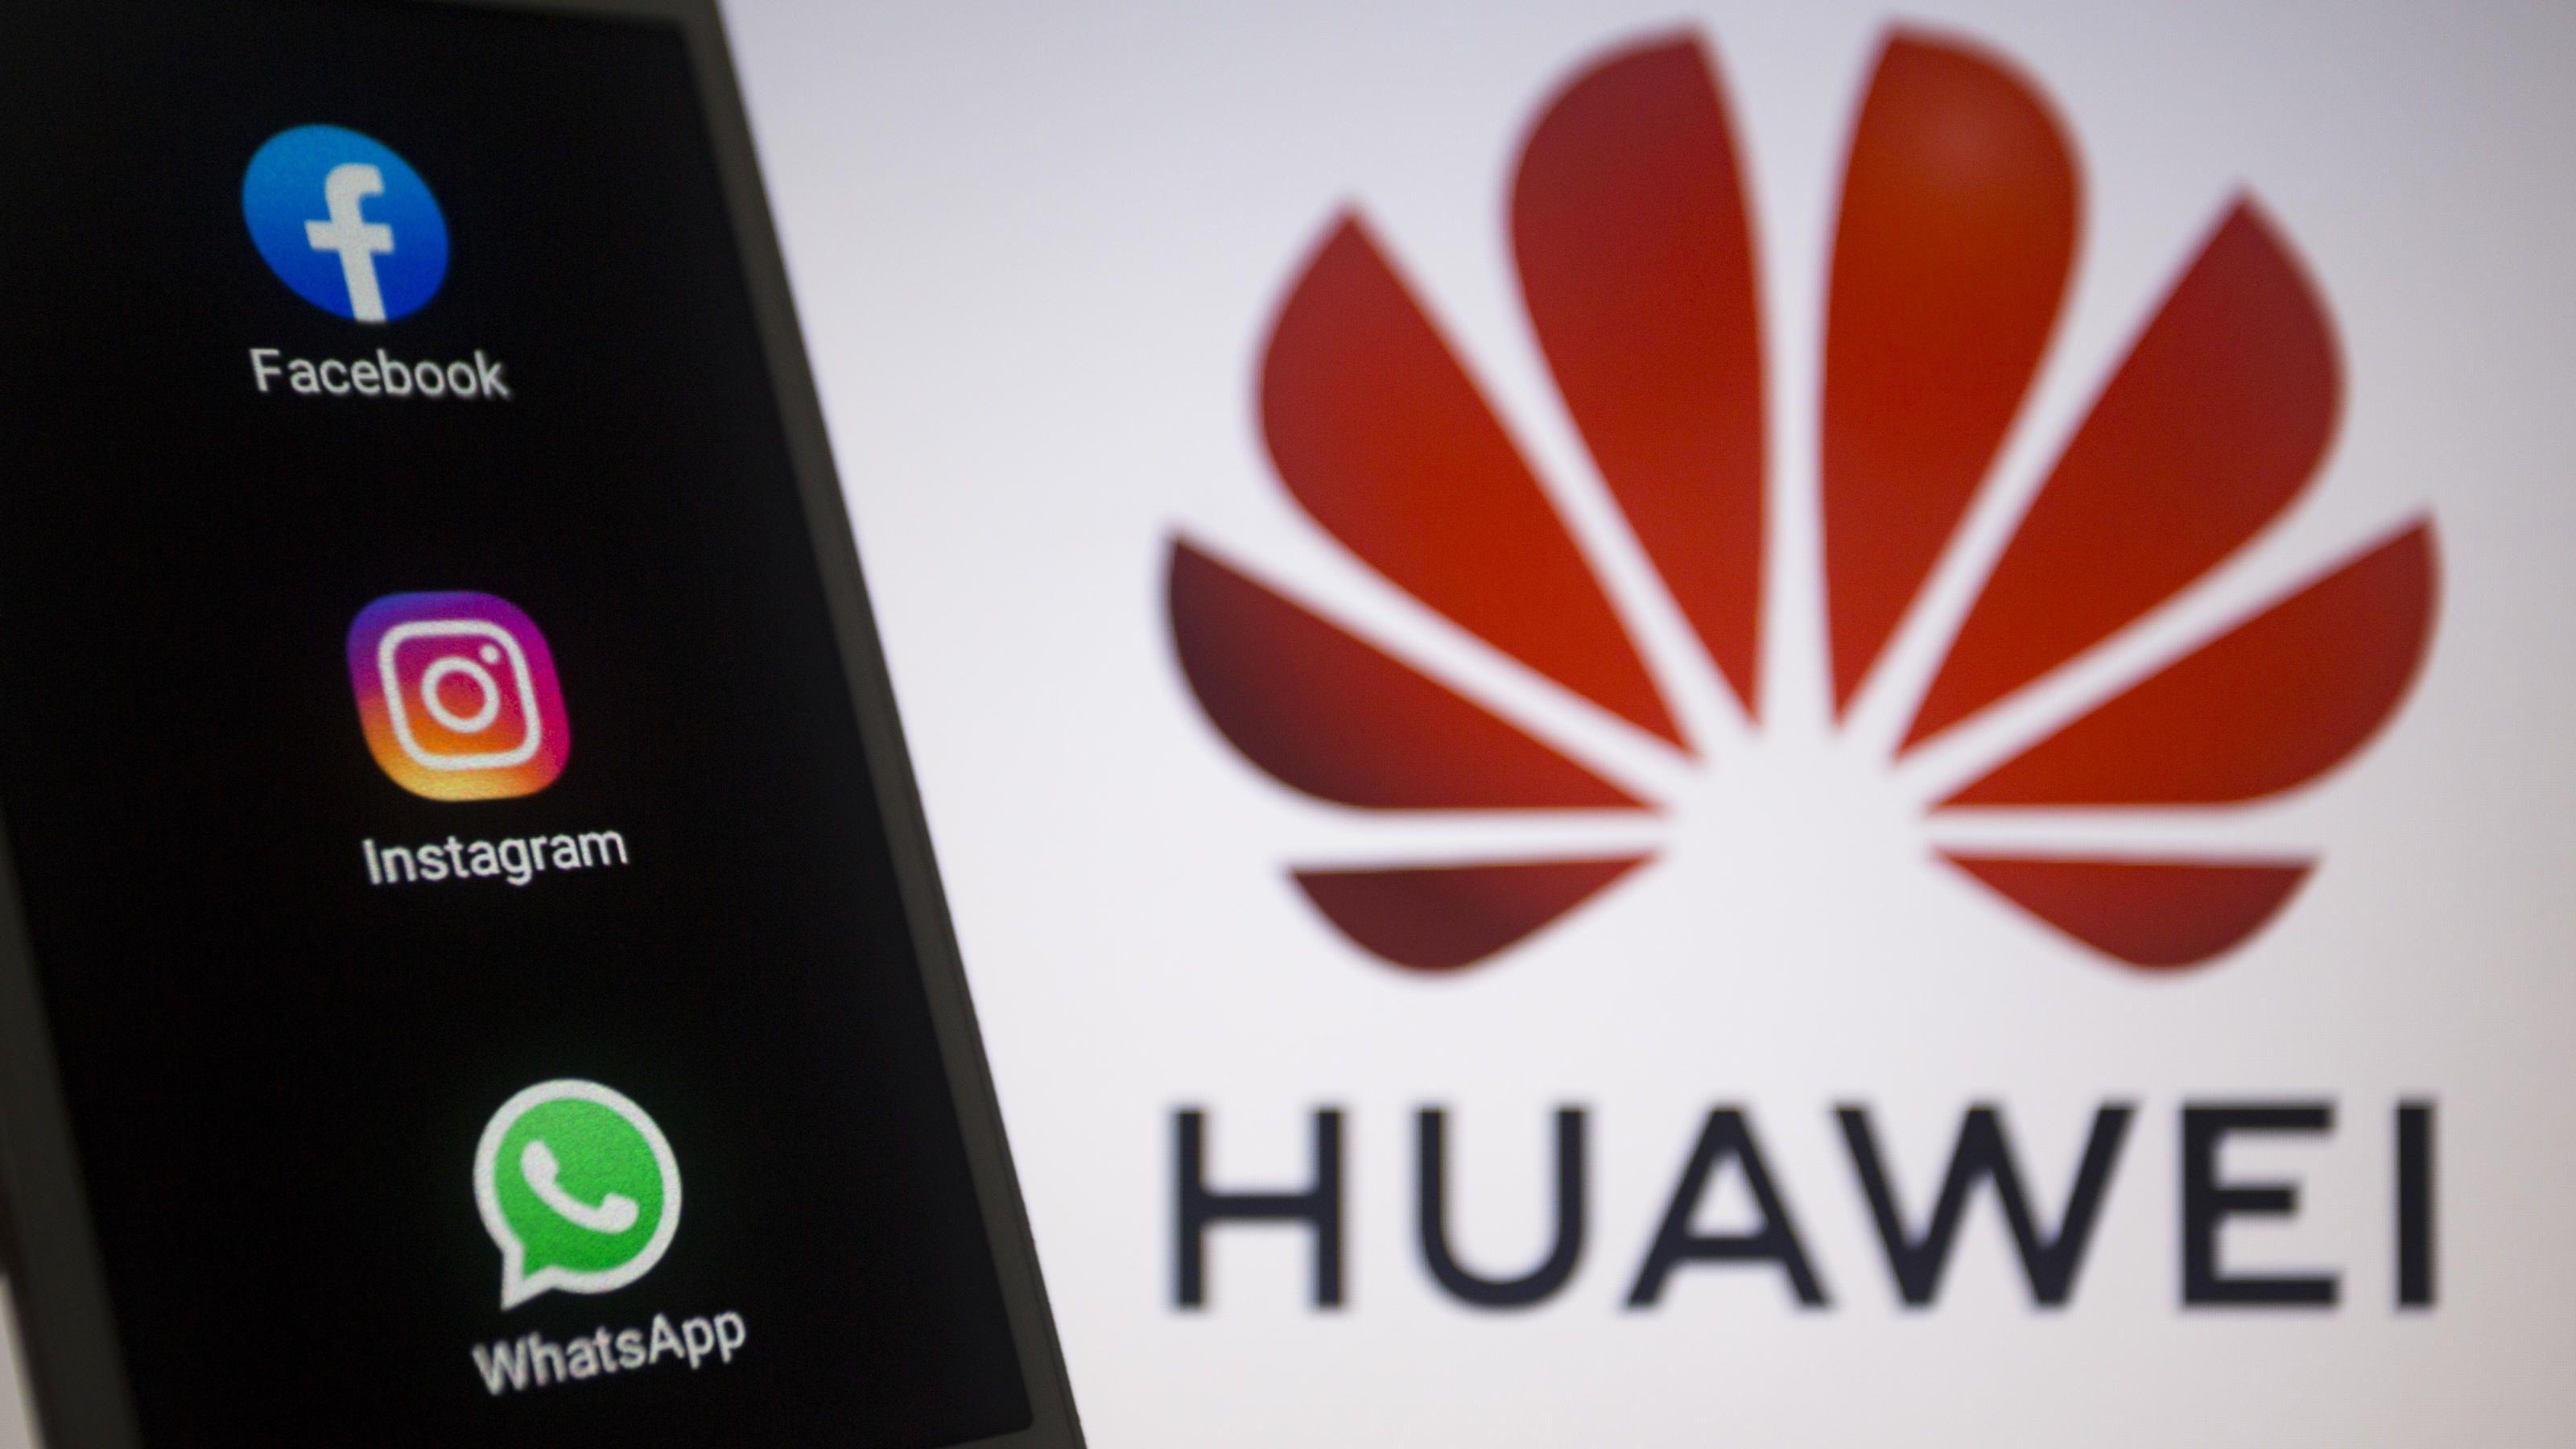 Huawei Klärt Auf Diese Geräte Unterstützen Facebook